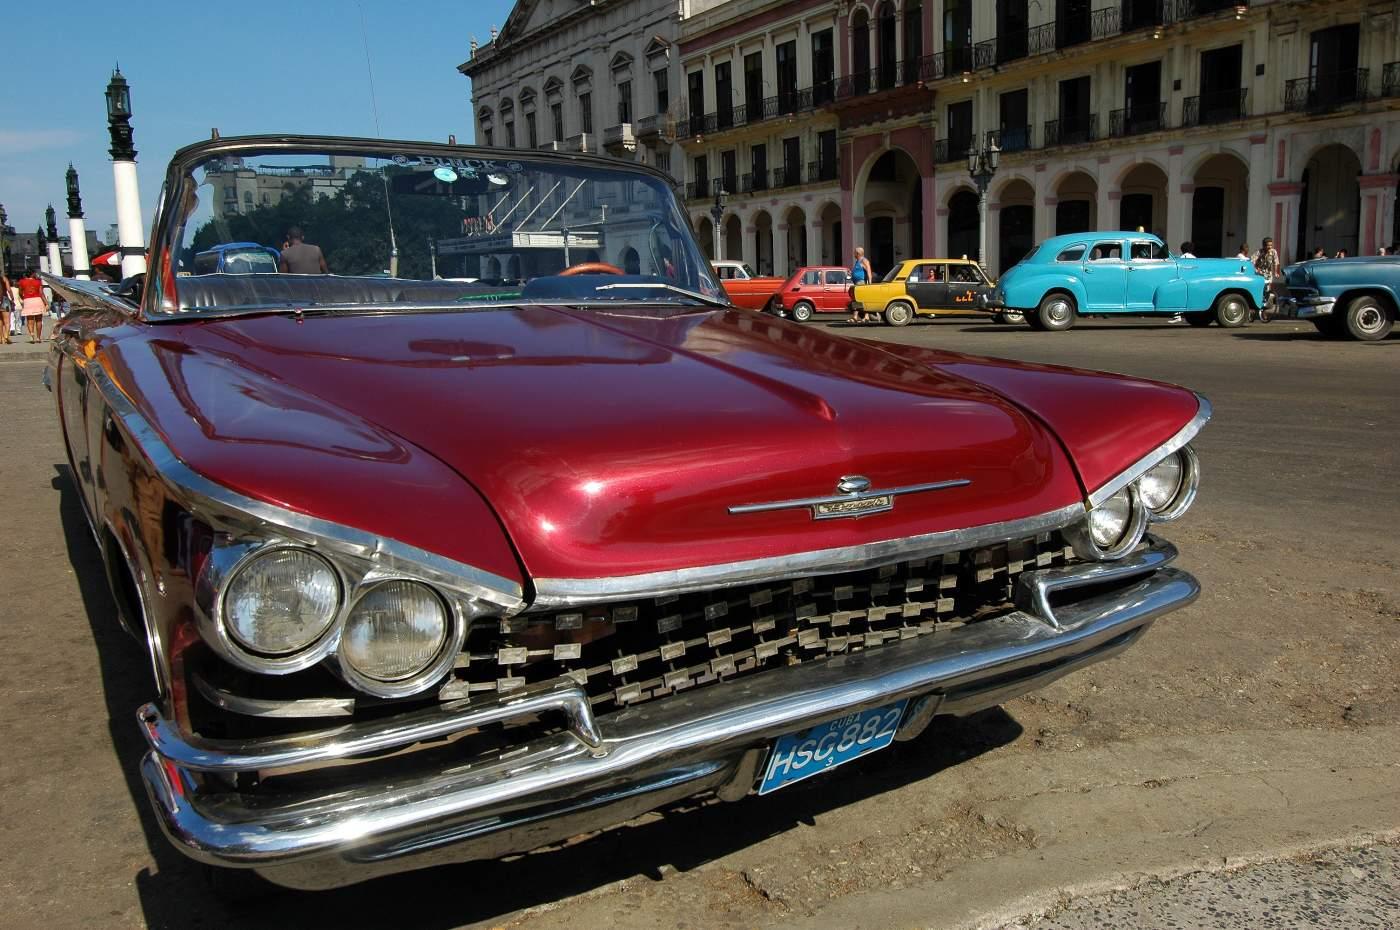 werden impfungen für kuba empfohlen